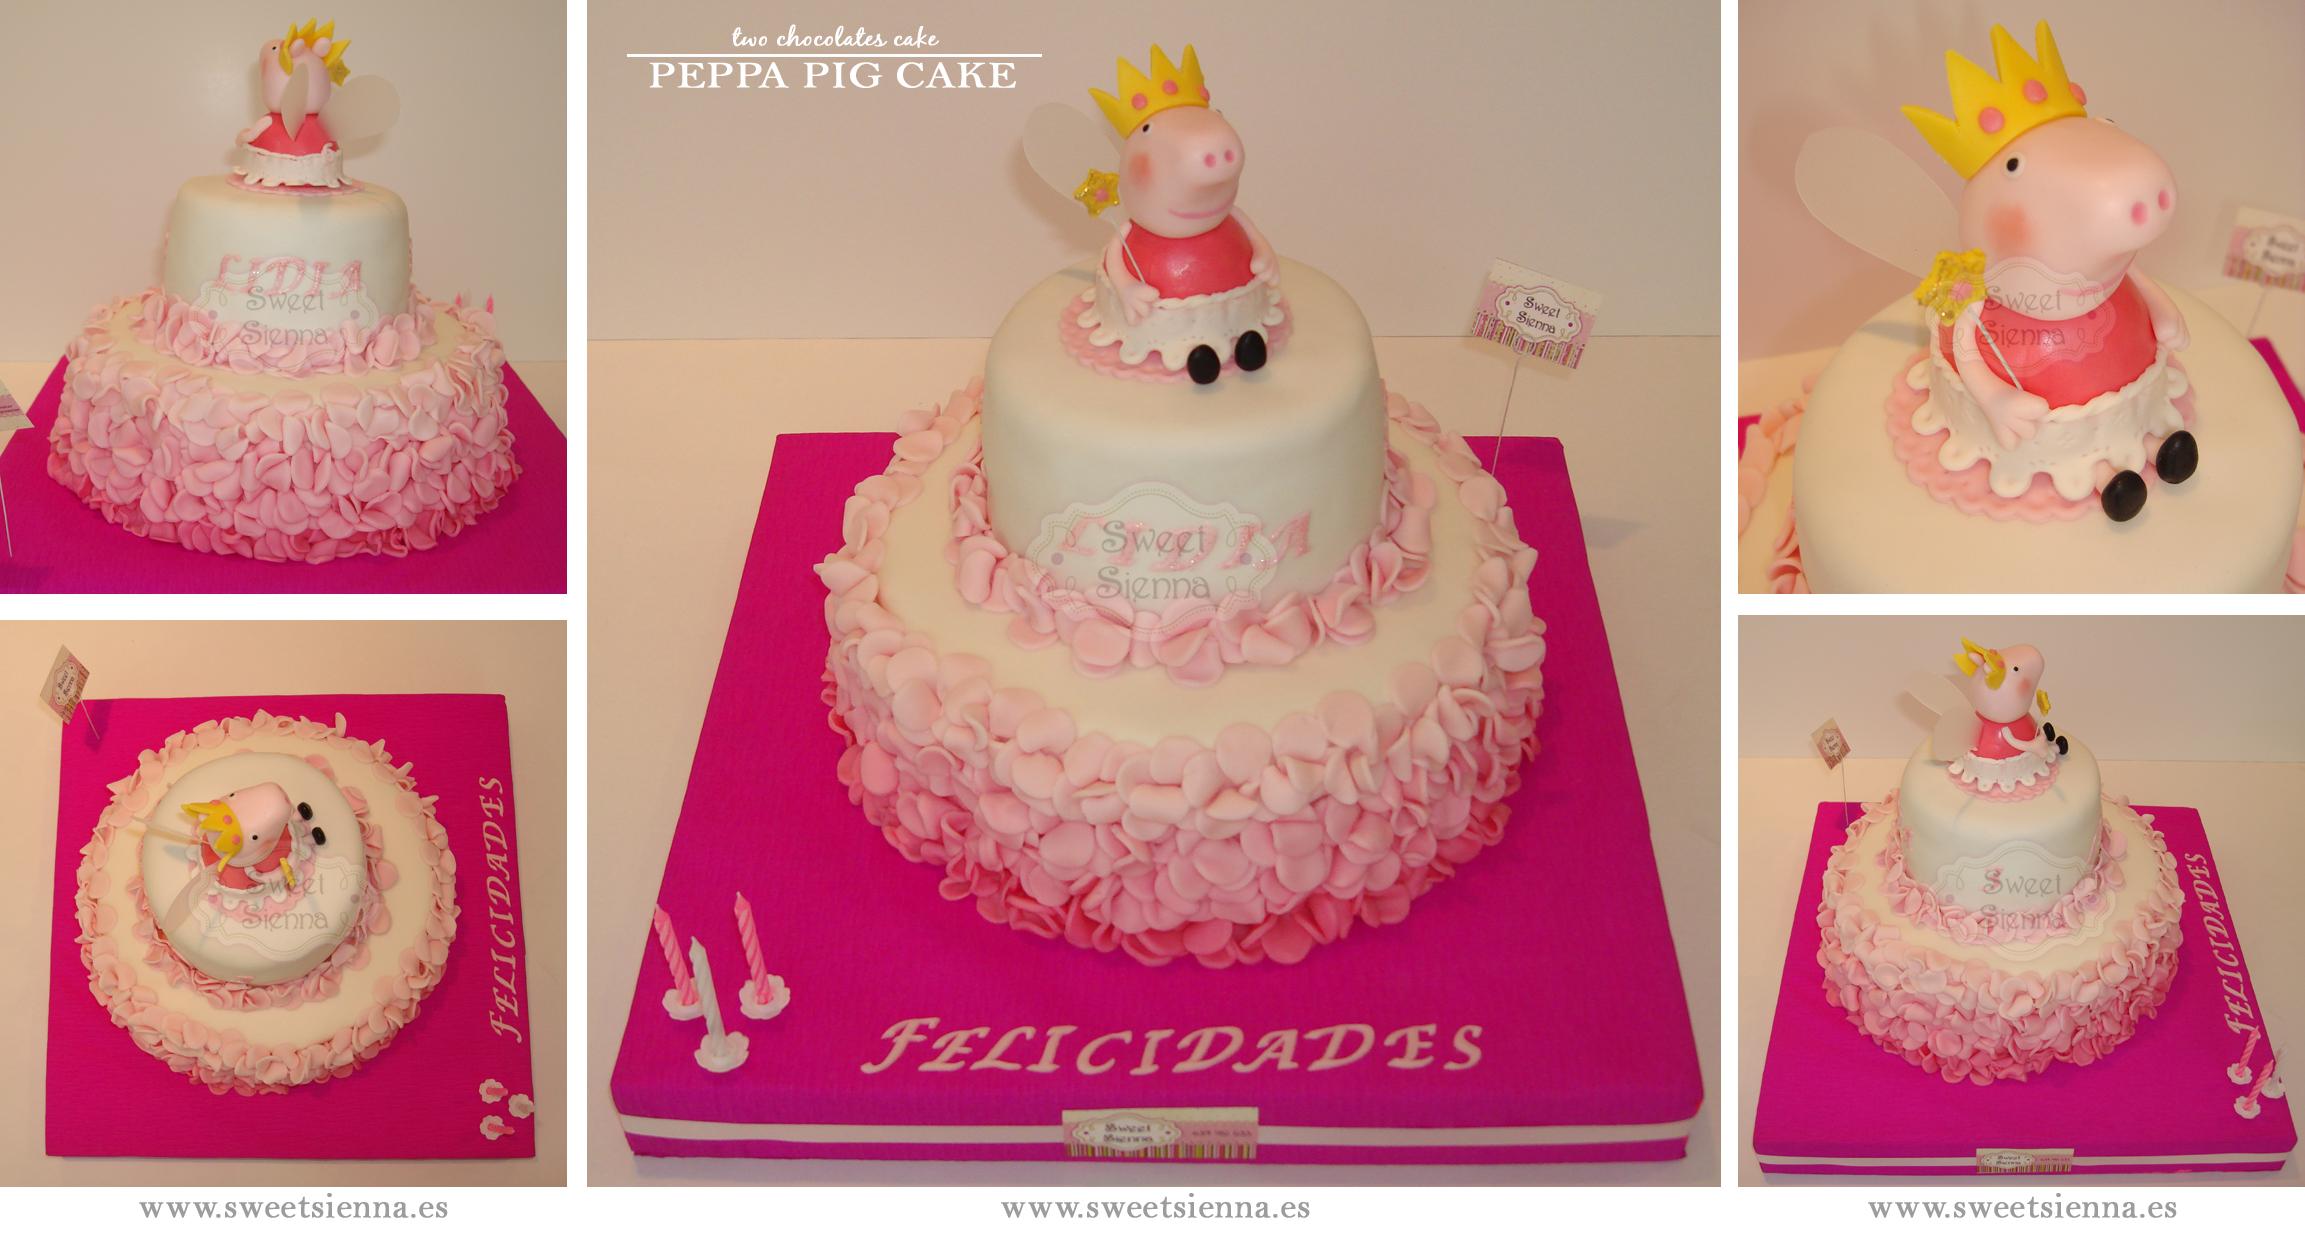 Decoracion De Torta Con Pepa Ping | MEJOR CONJUNTO DE FRASES